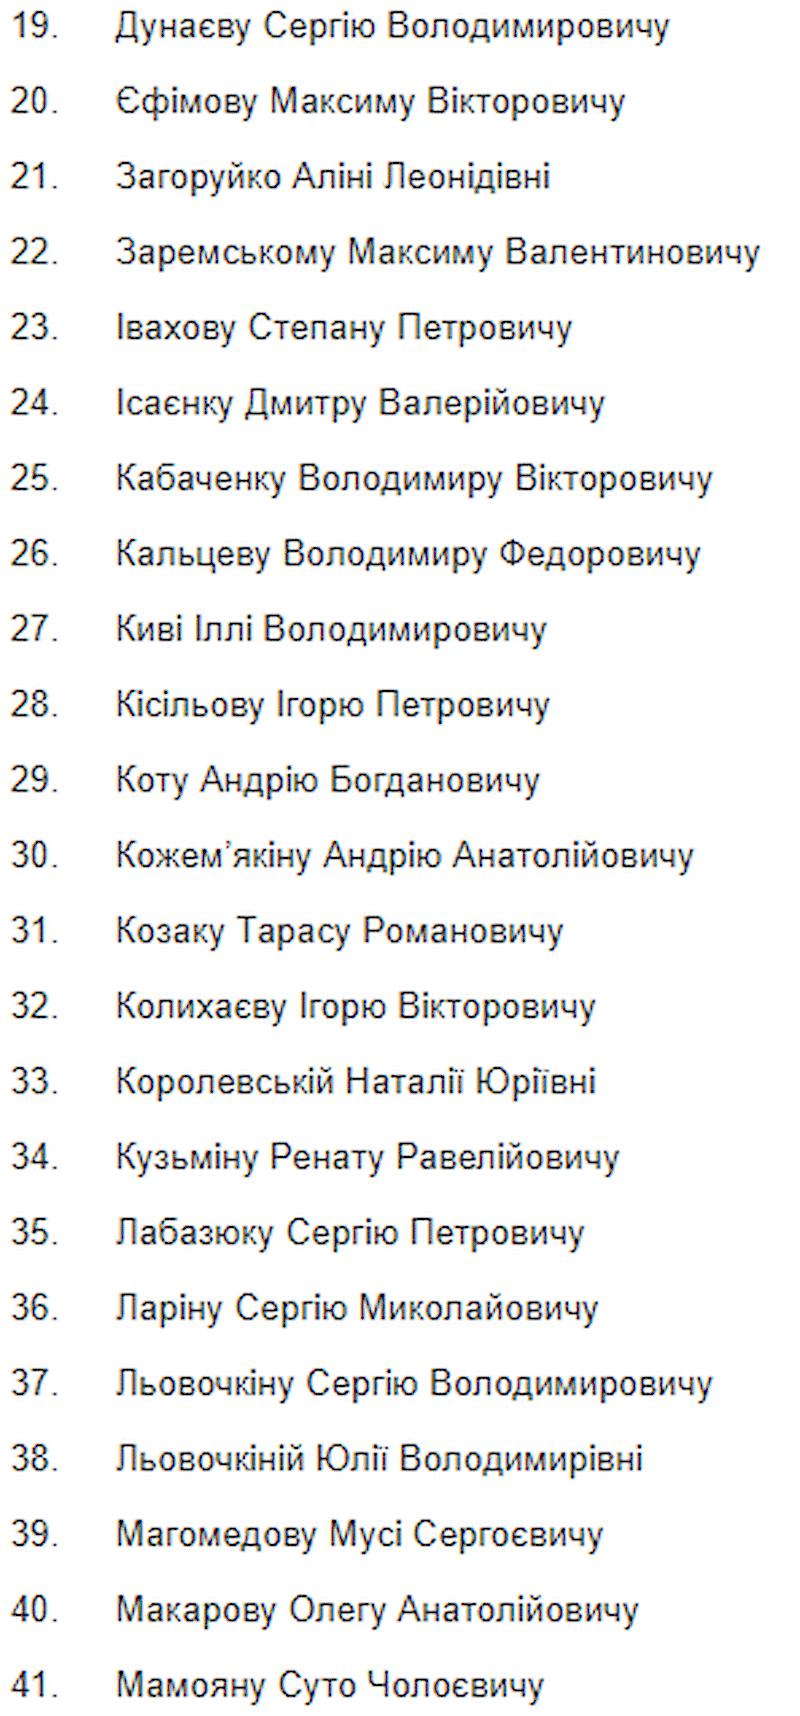 Сразу 79 нардепов лишили выплат из-за прогулов, они потеряют 3300000 гривен